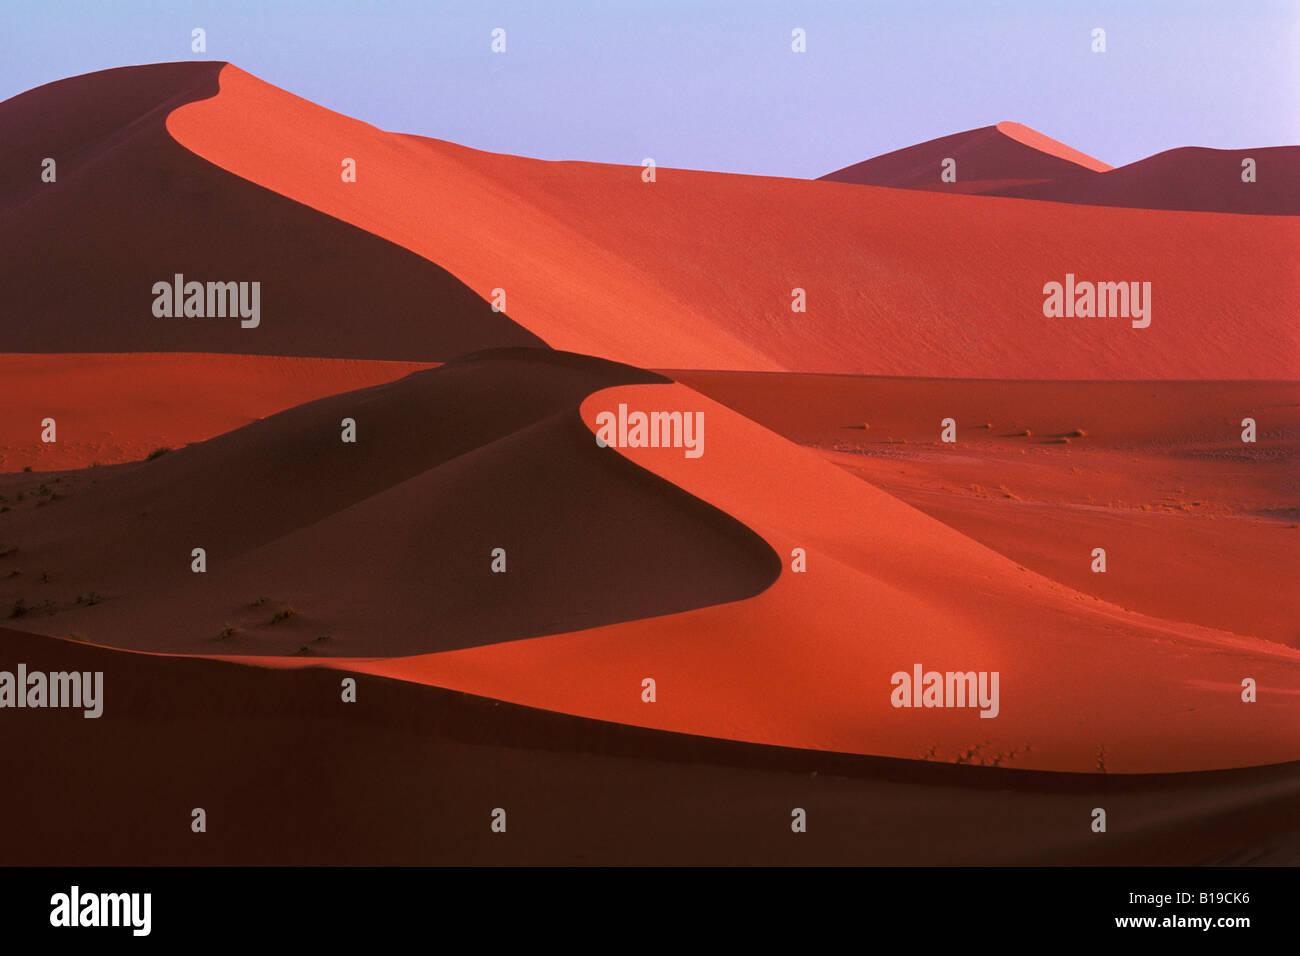 Formations de dunes de sable, du parc de Namib Naukluft, Sossusvlei, Désert du Namib, Namibie, Afrique Photo Stock